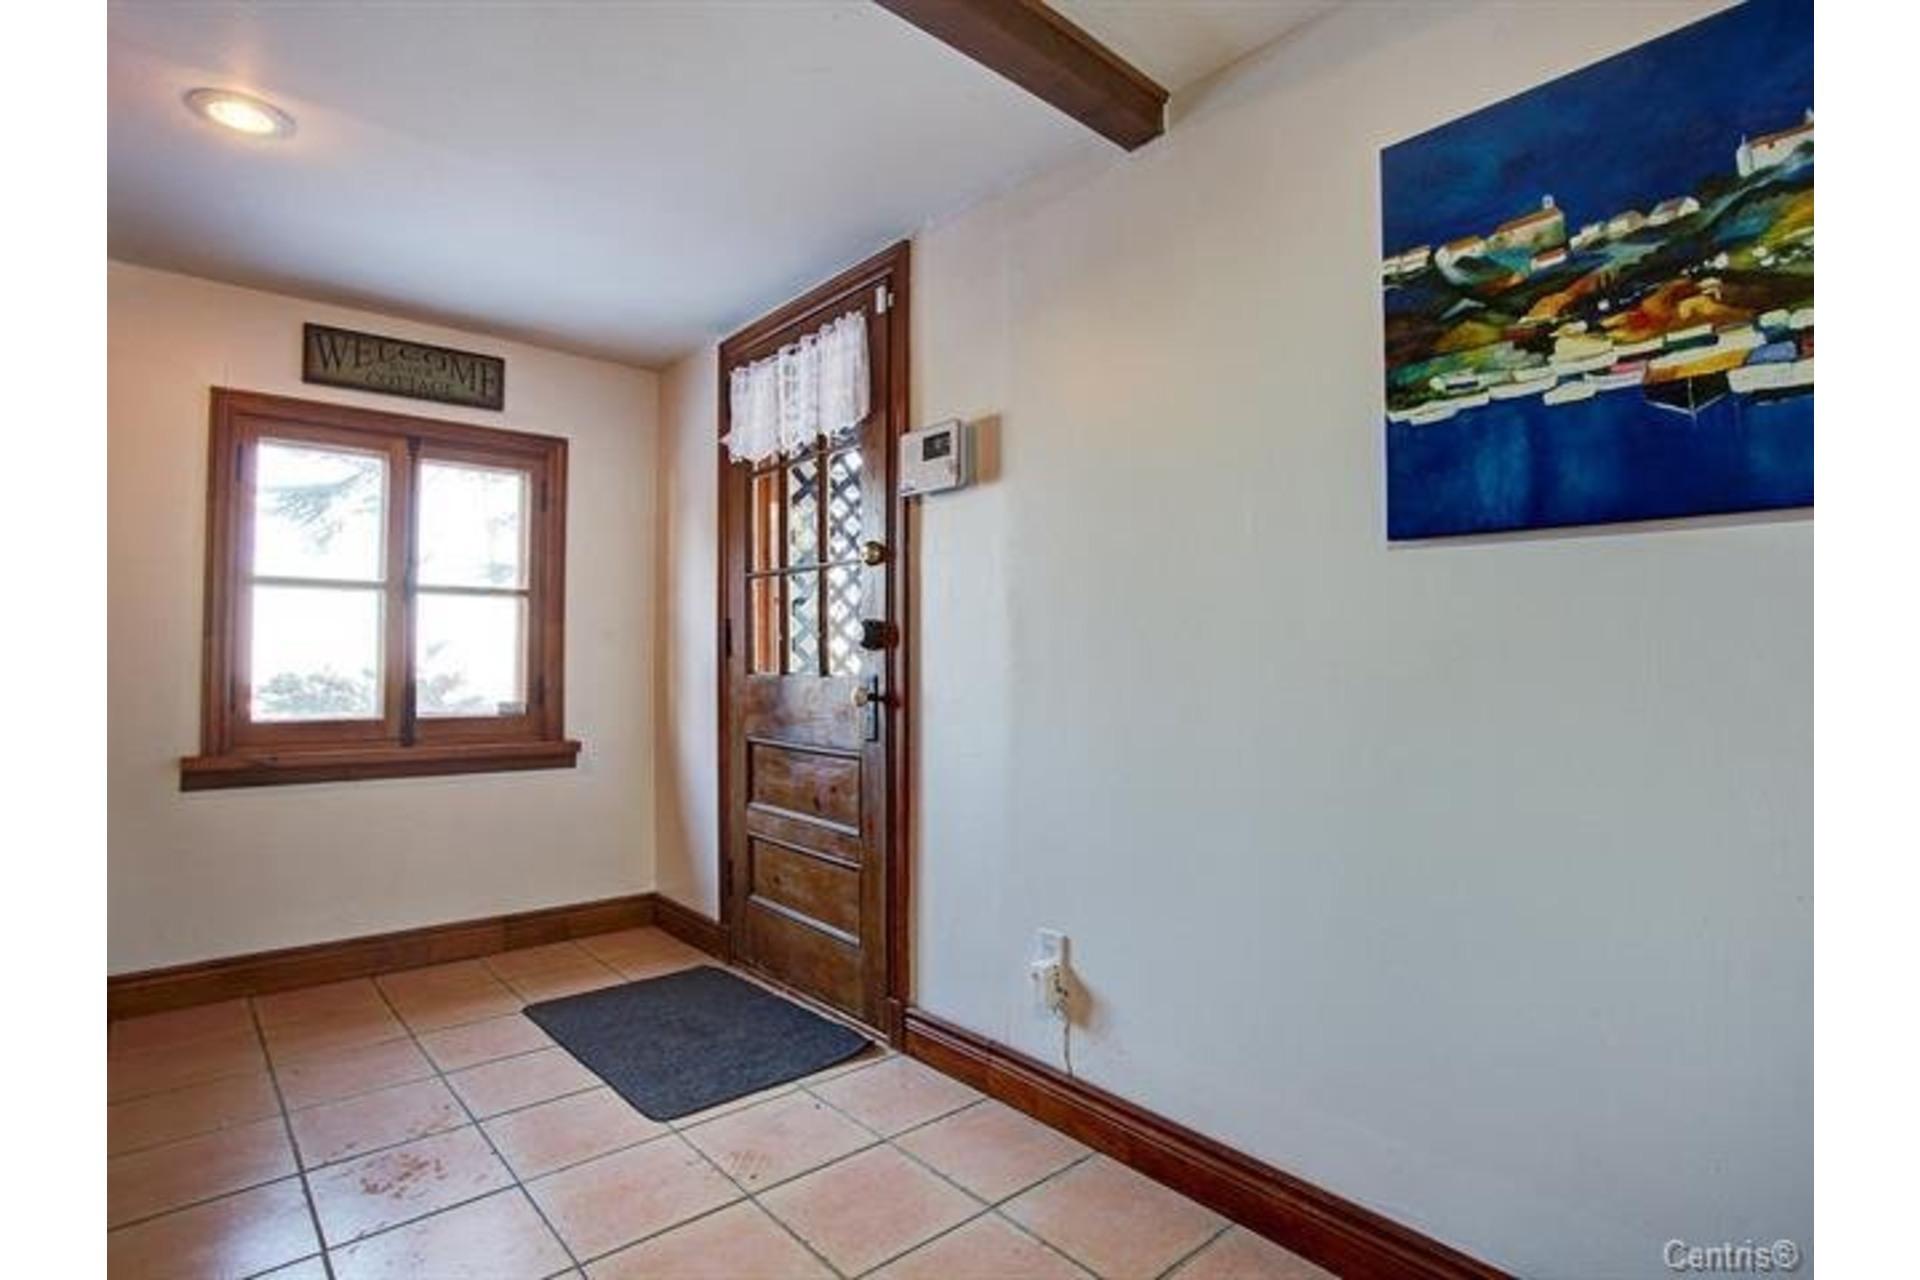 image 25 - MX - Casa sola - MX En venta Vaudreuil-Dorion - 12 habitaciones